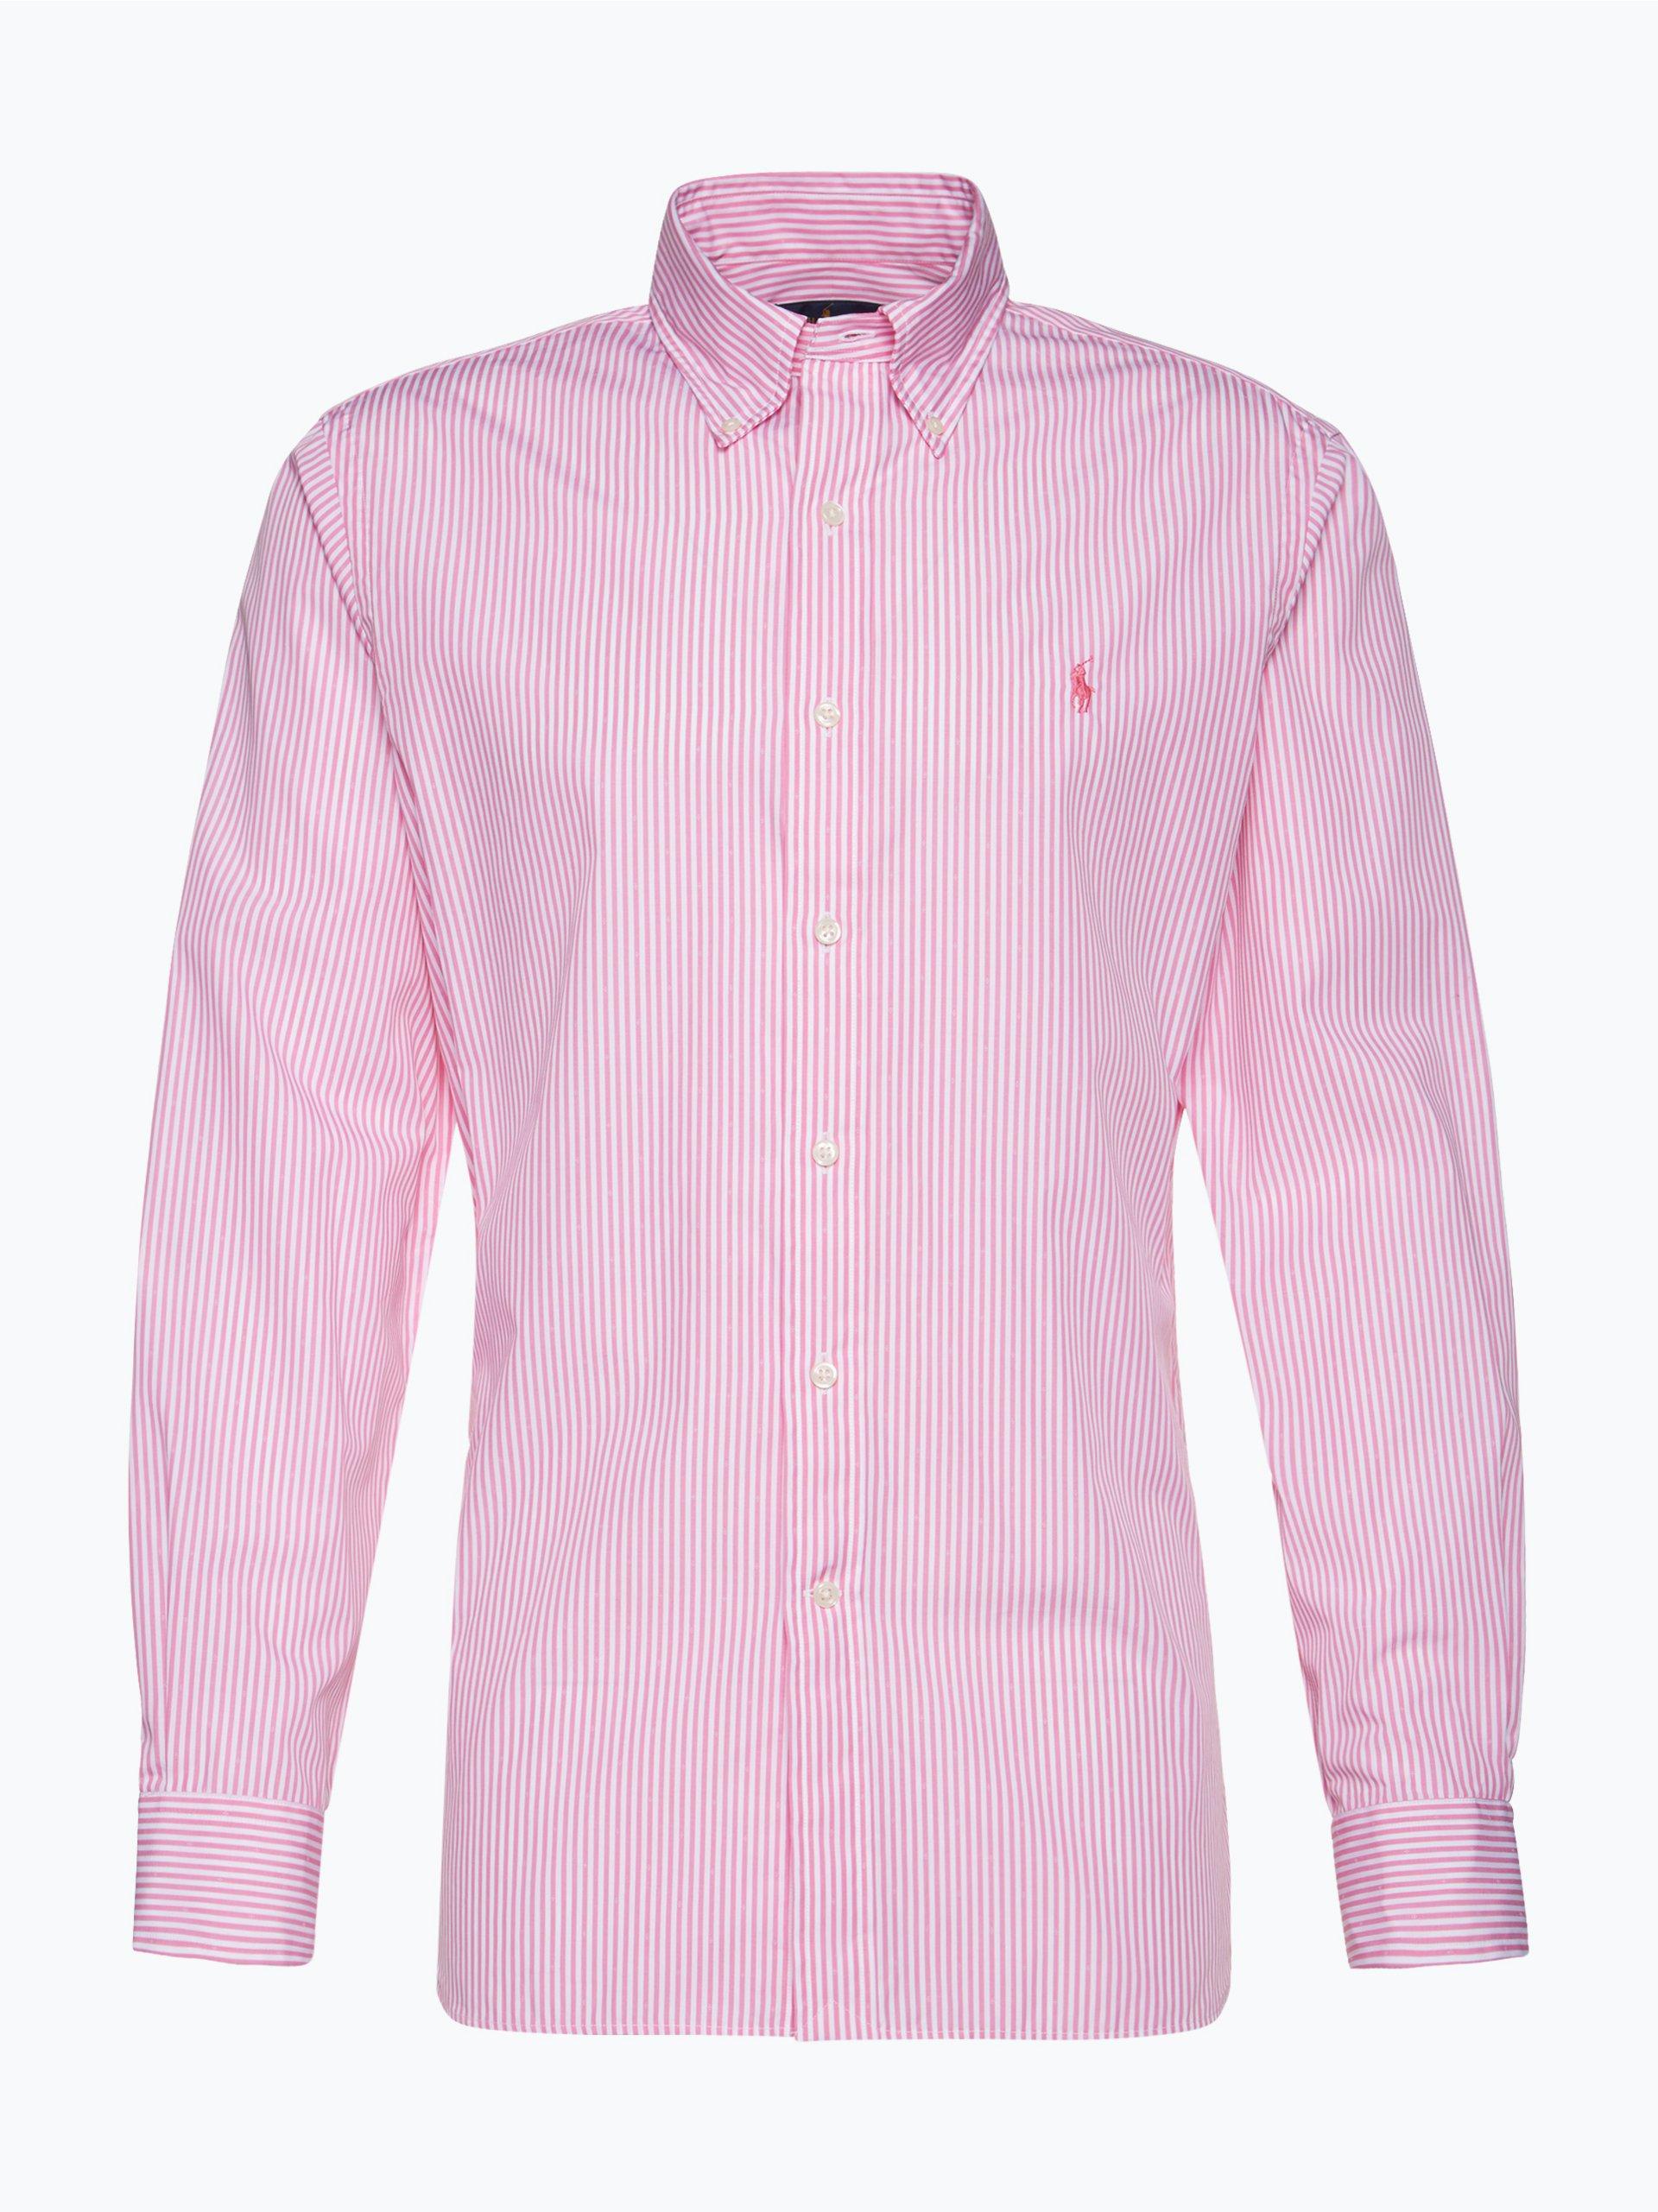 polo ralph lauren herren hemd pink gestreift online kaufen vangraaf com. Black Bedroom Furniture Sets. Home Design Ideas